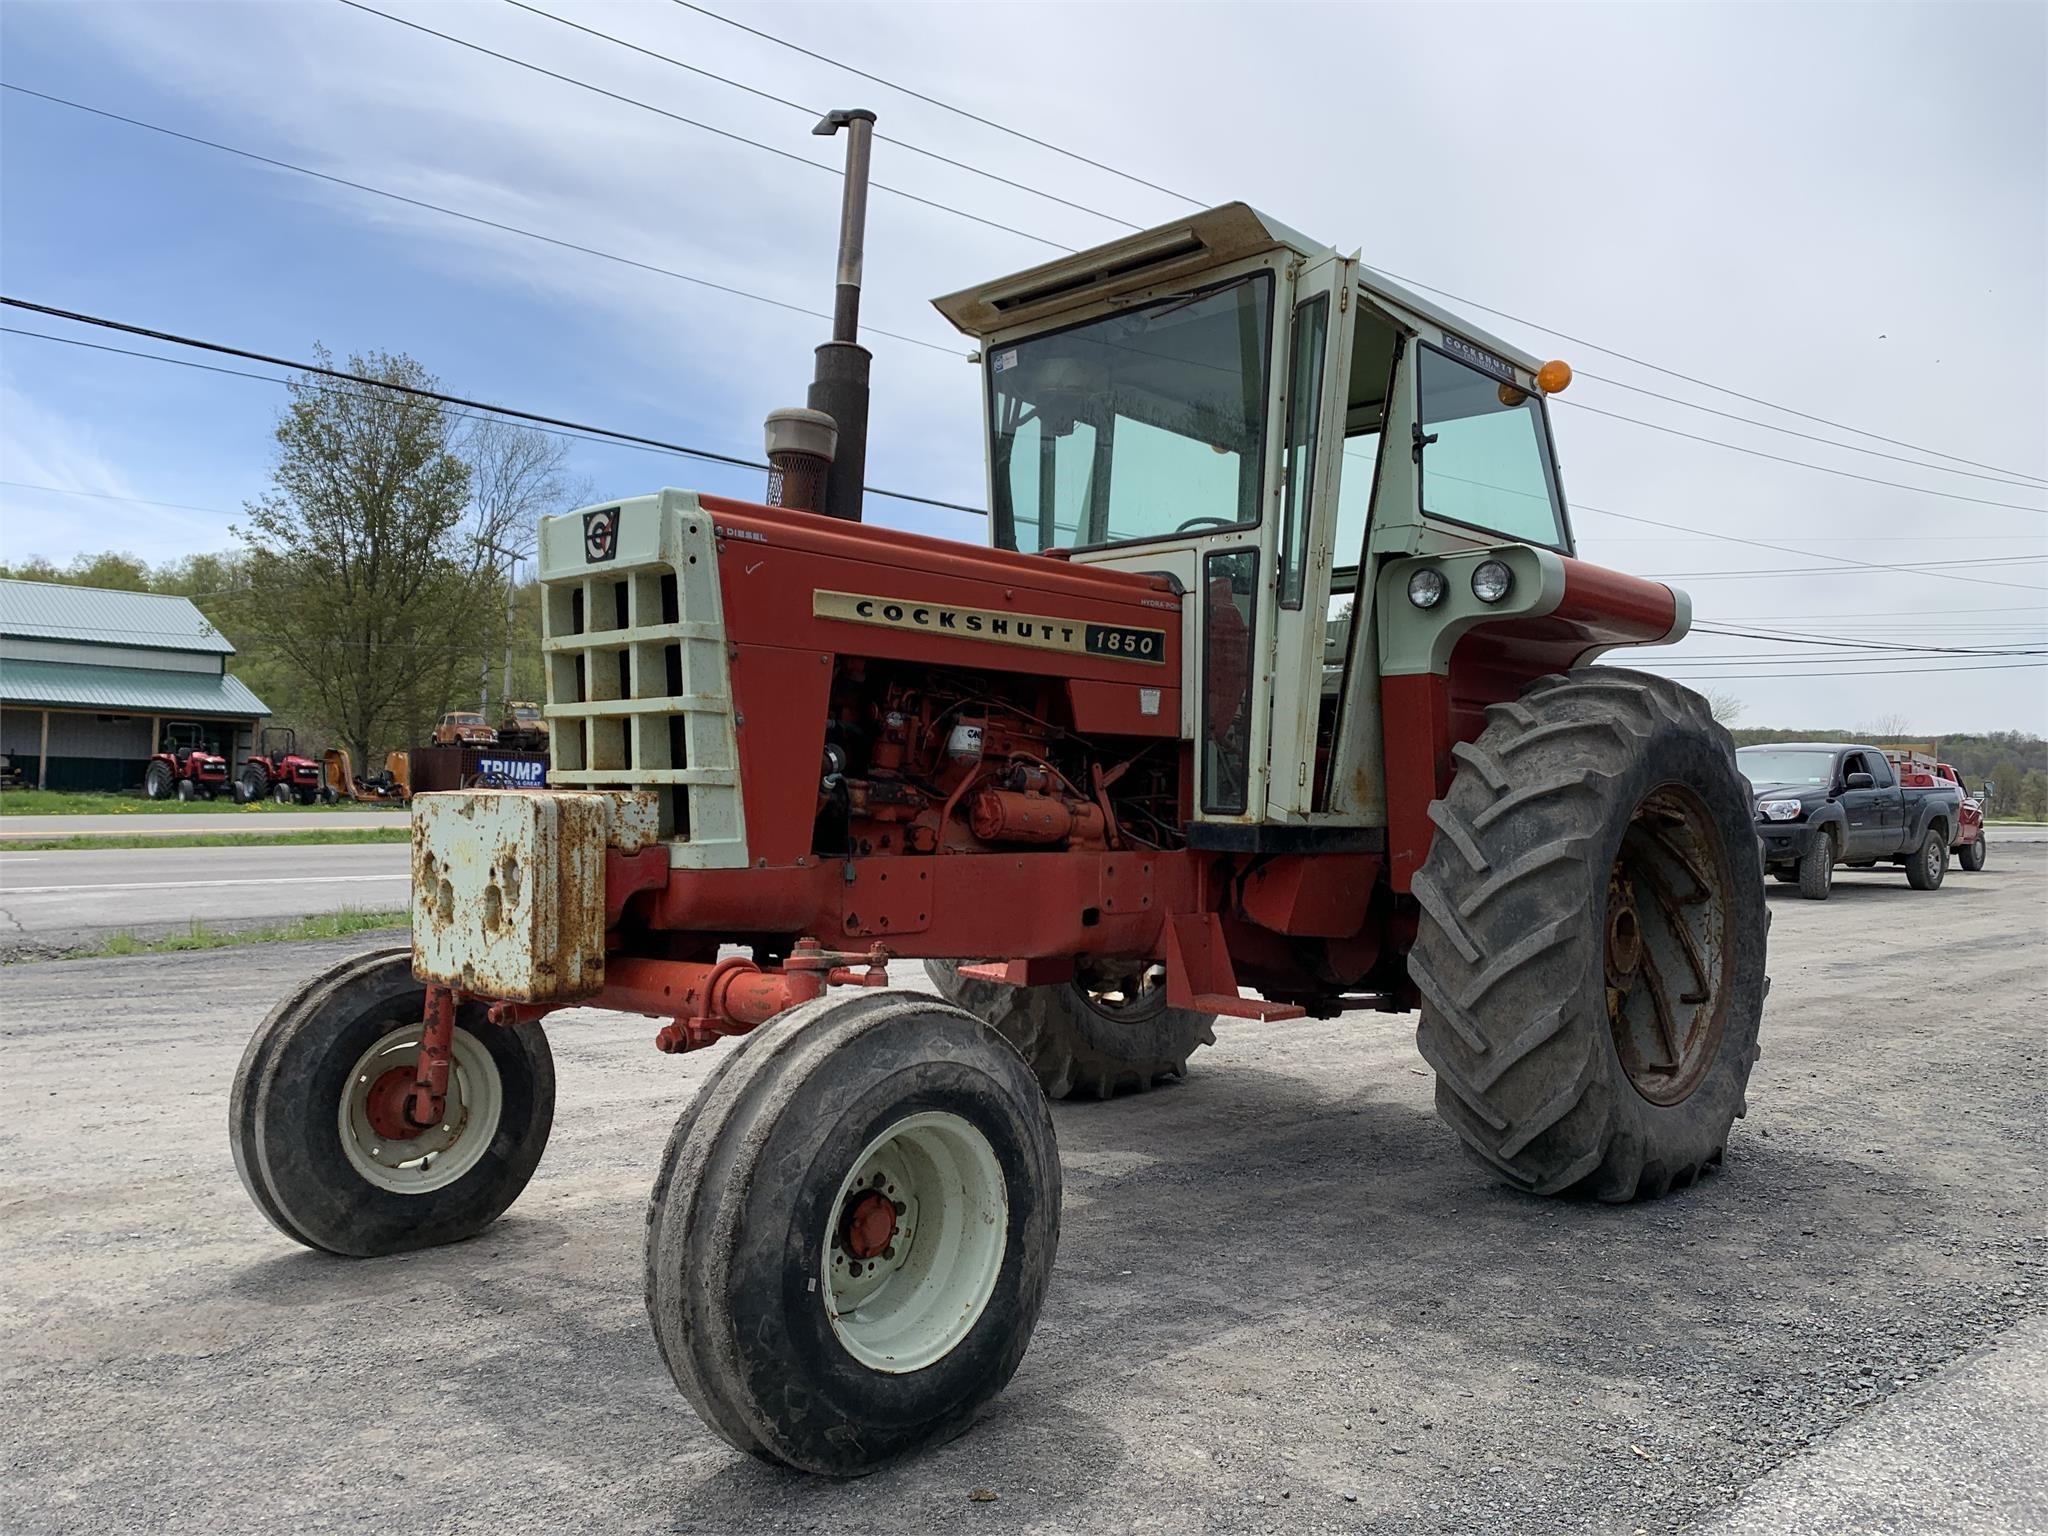 Cockshutt 1850 Tractor